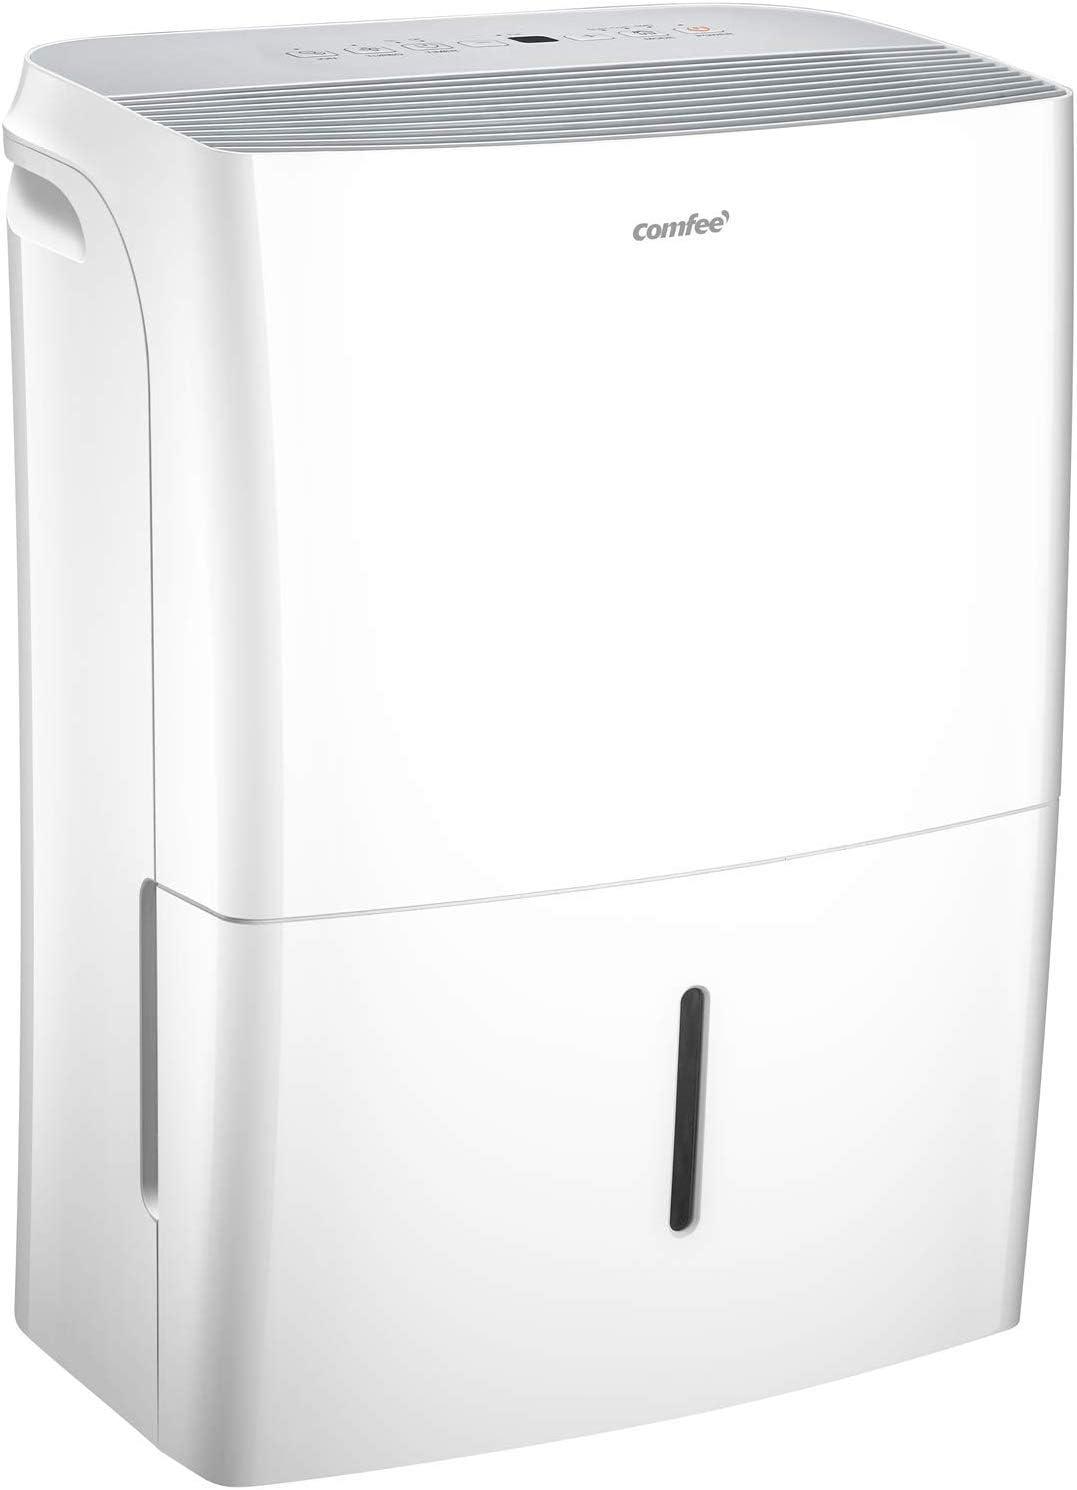 Comfee MDDF-20DEN7-WF - Deshumidificador, 20 L/24 h, tamaño de la habitación aprox. 100 m³(40 m²), compatible con aplicaciones